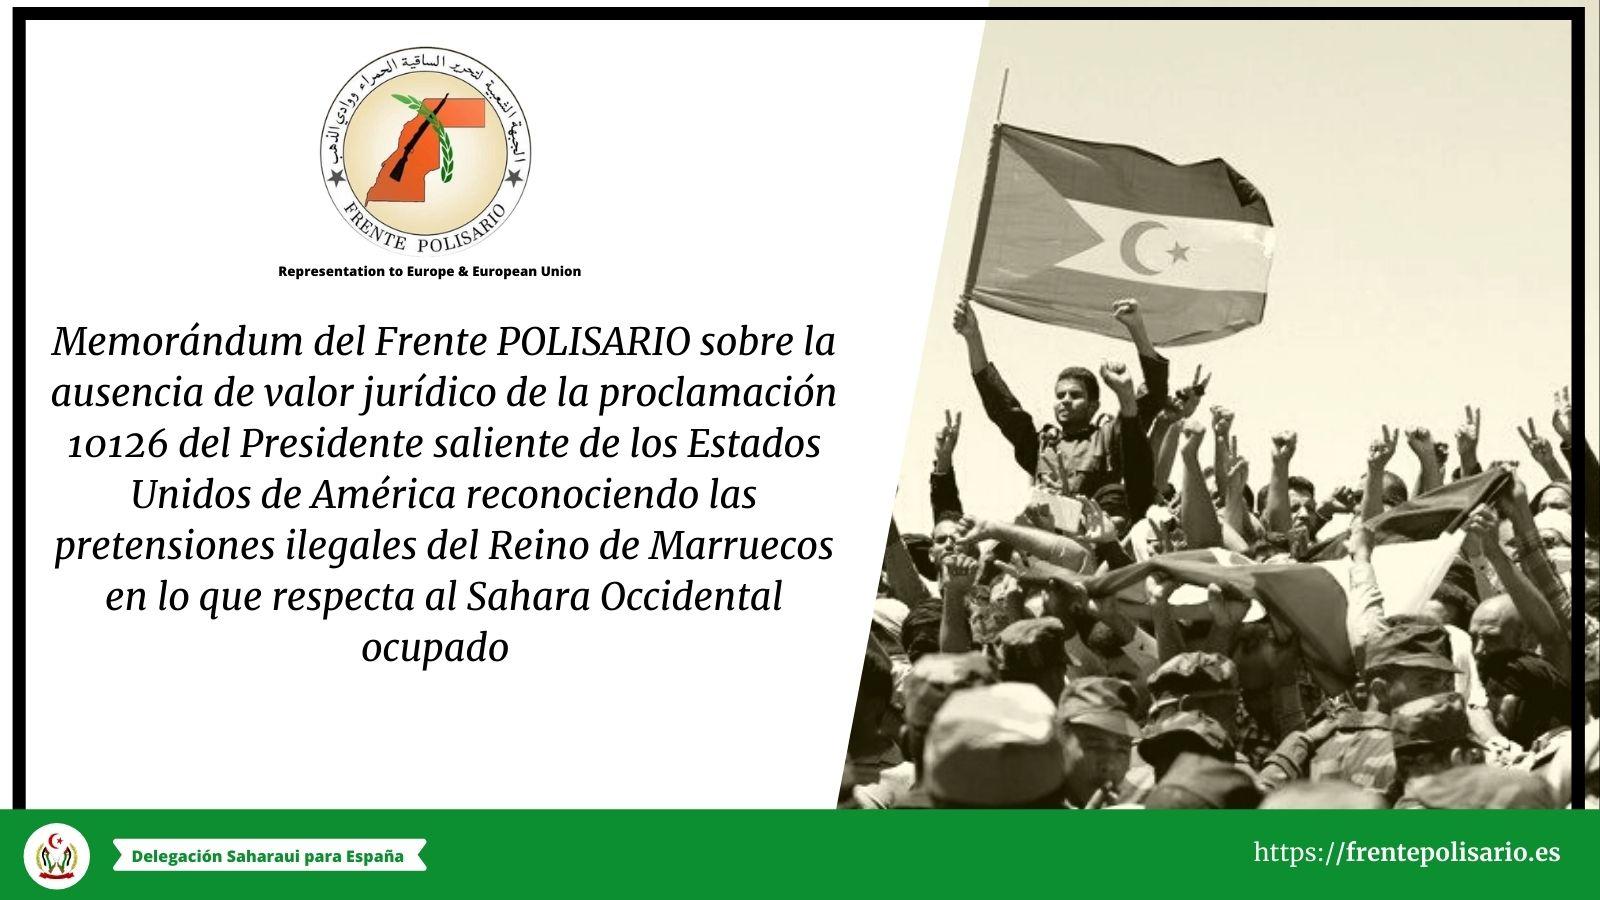 Memorándum del Frente POLISARIO